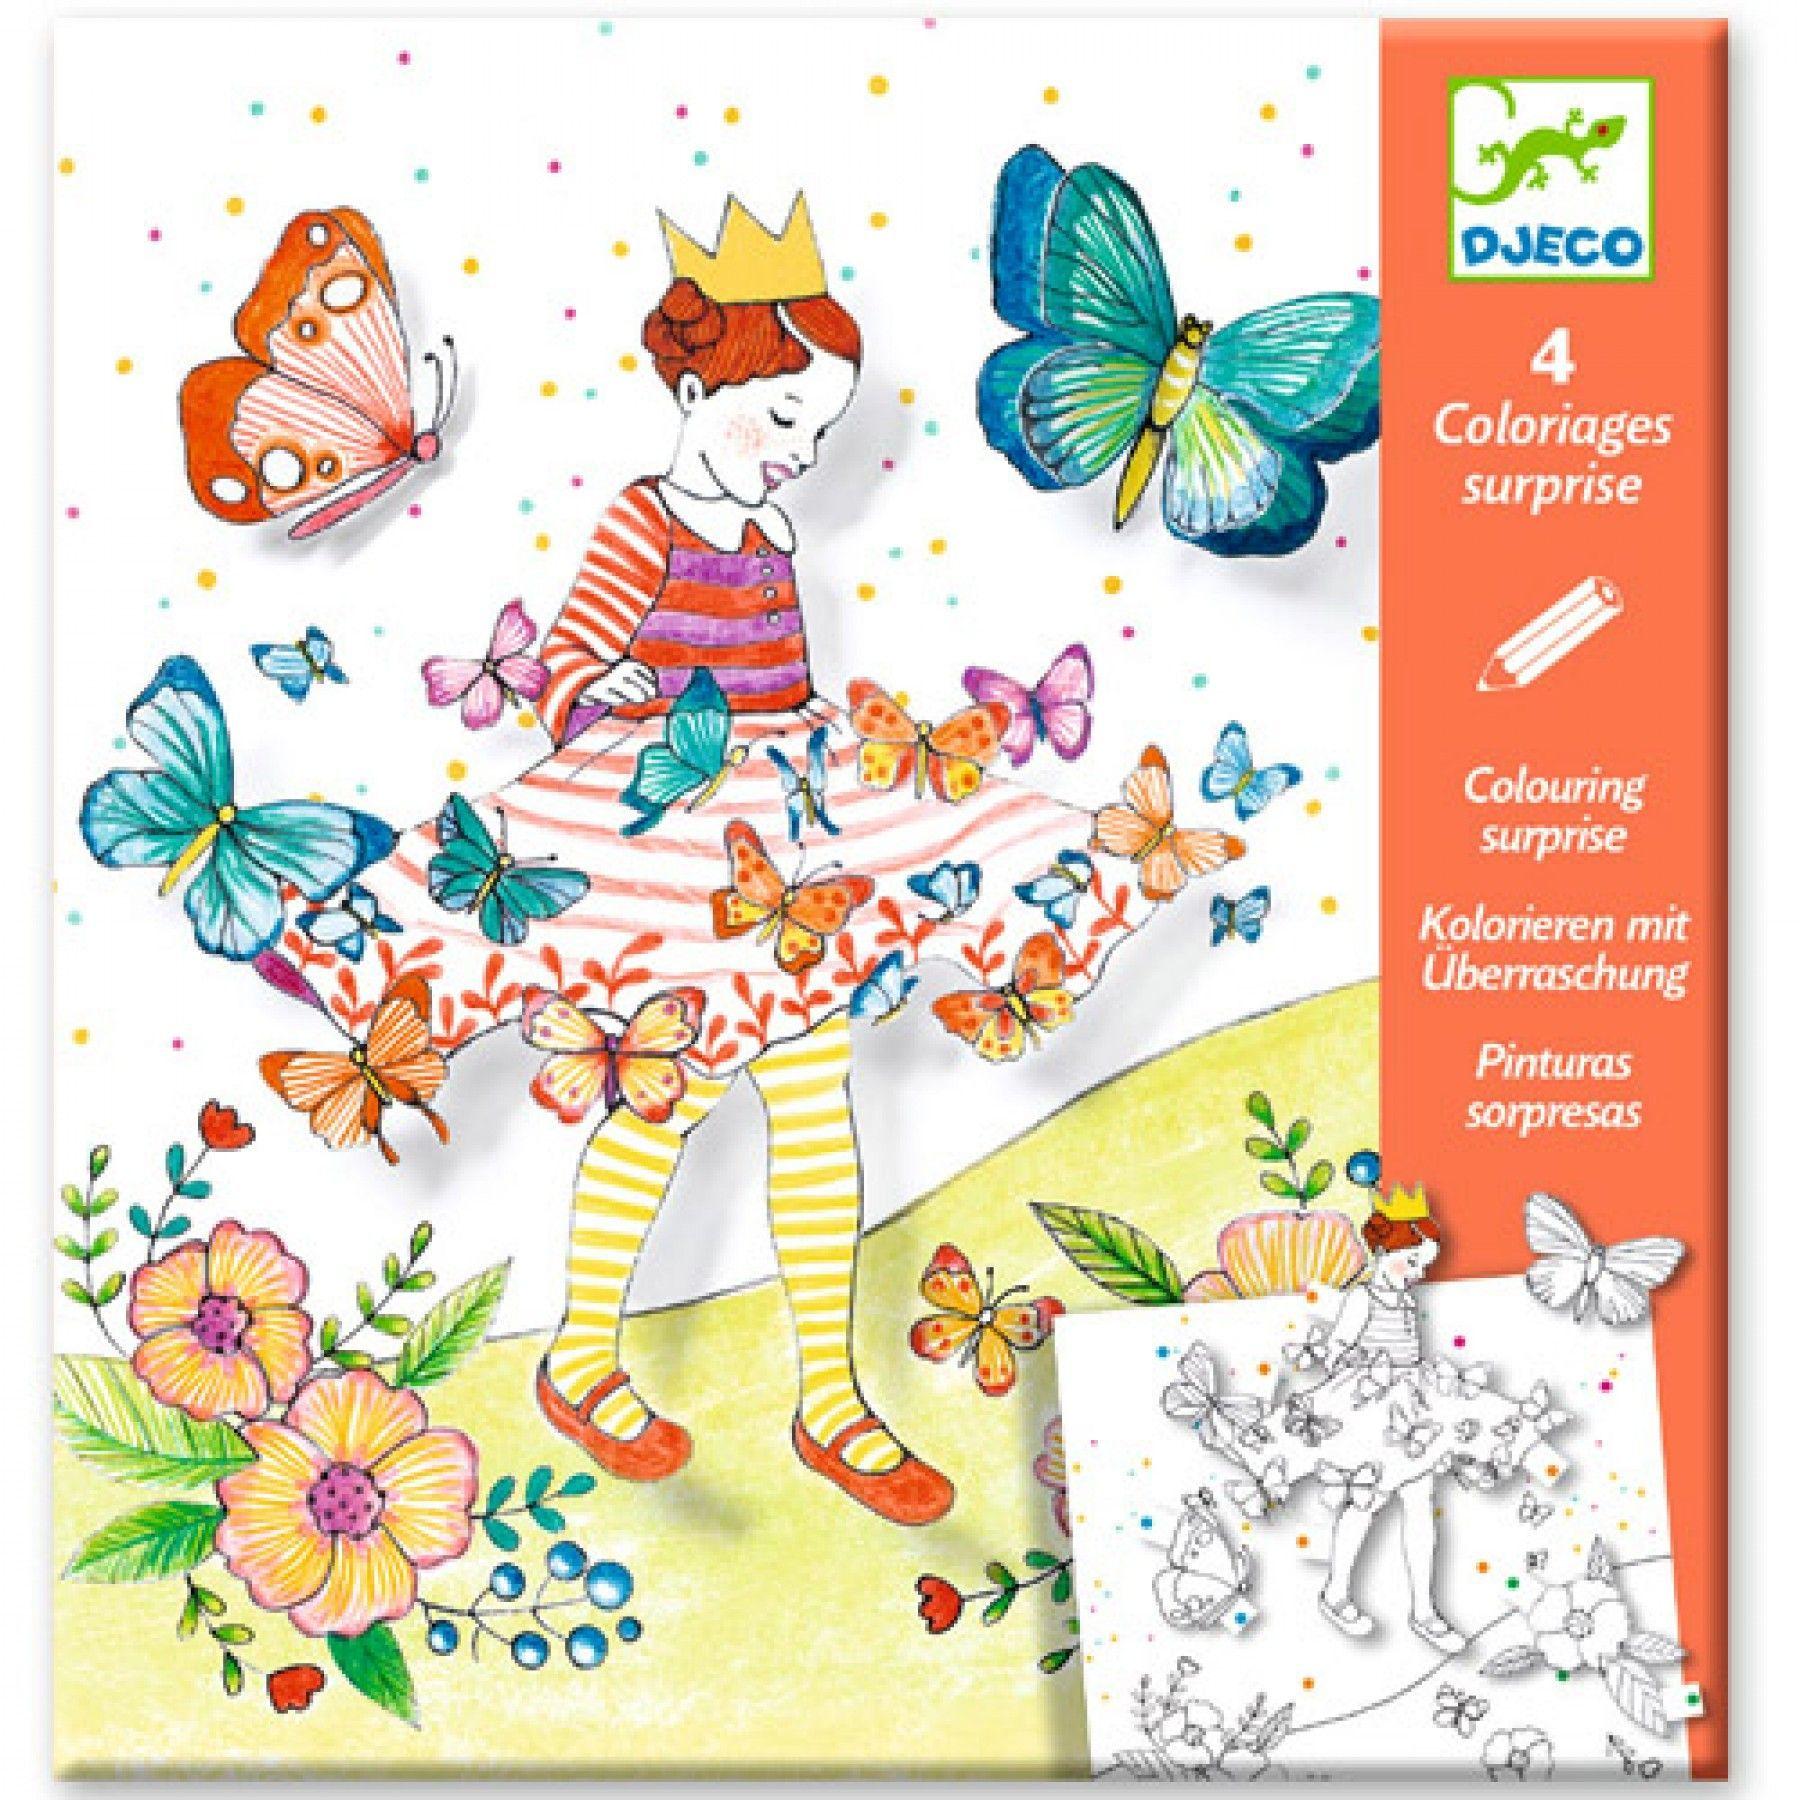 Kleuren Die Verrassen Vlindermeisje Ilovespeelgoed Nl Speelgoed Kinderkleurplaten Speelgoedwinkel